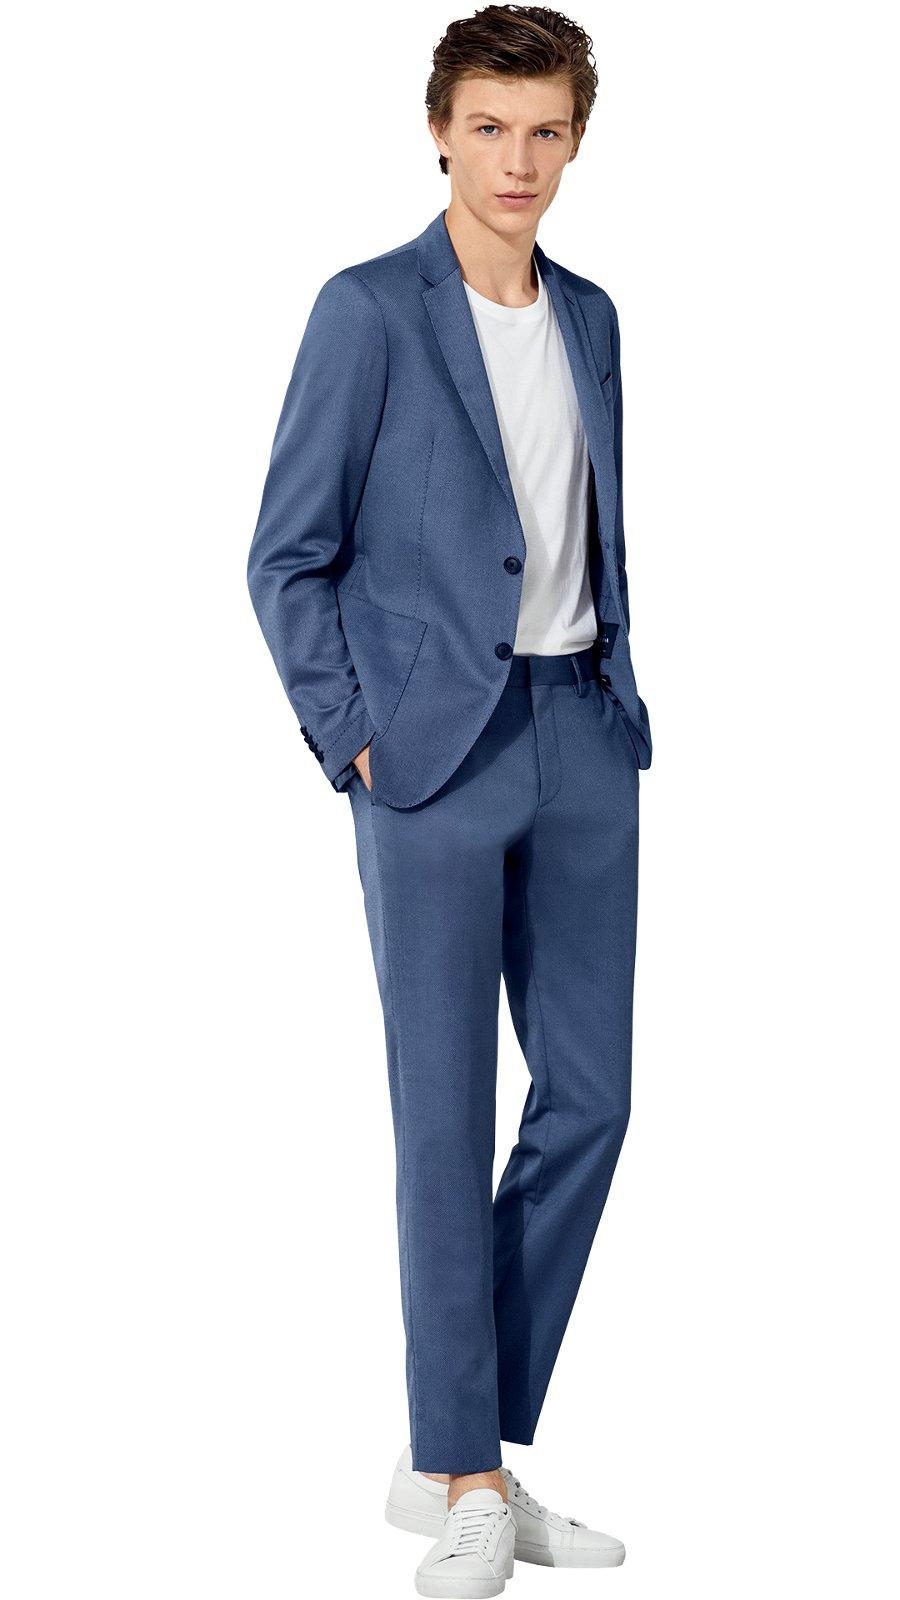 Hombre con chaqueta y pantalones azules b53d30a051ee